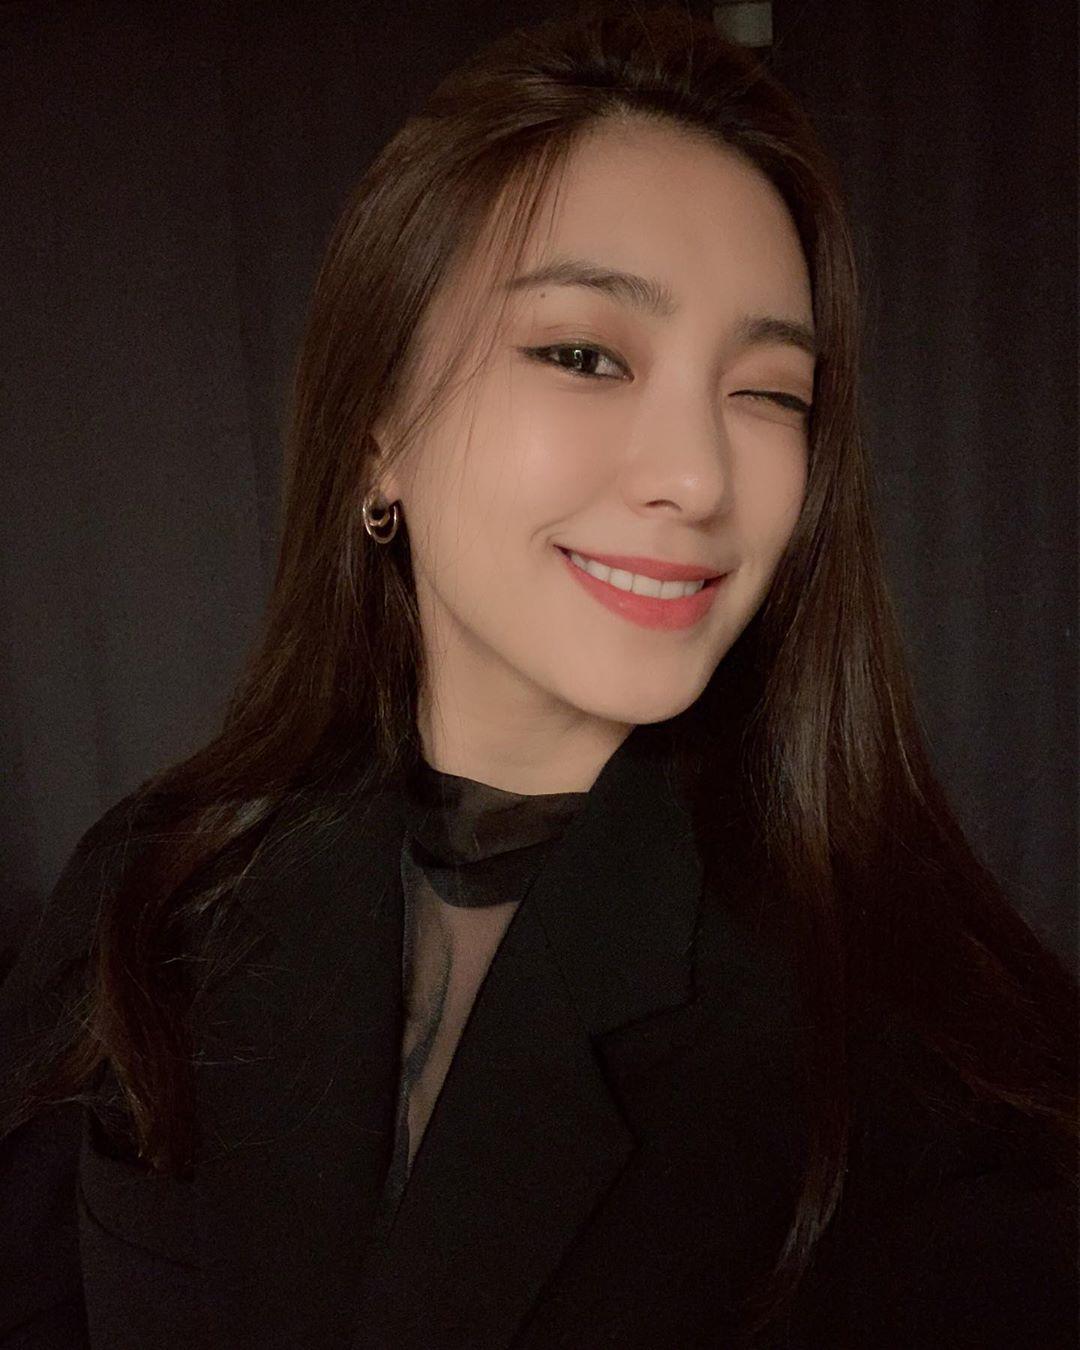 前SISTAR的尹宝拉公开笑容令人印象深刻的自拍 展示成熟的美貌